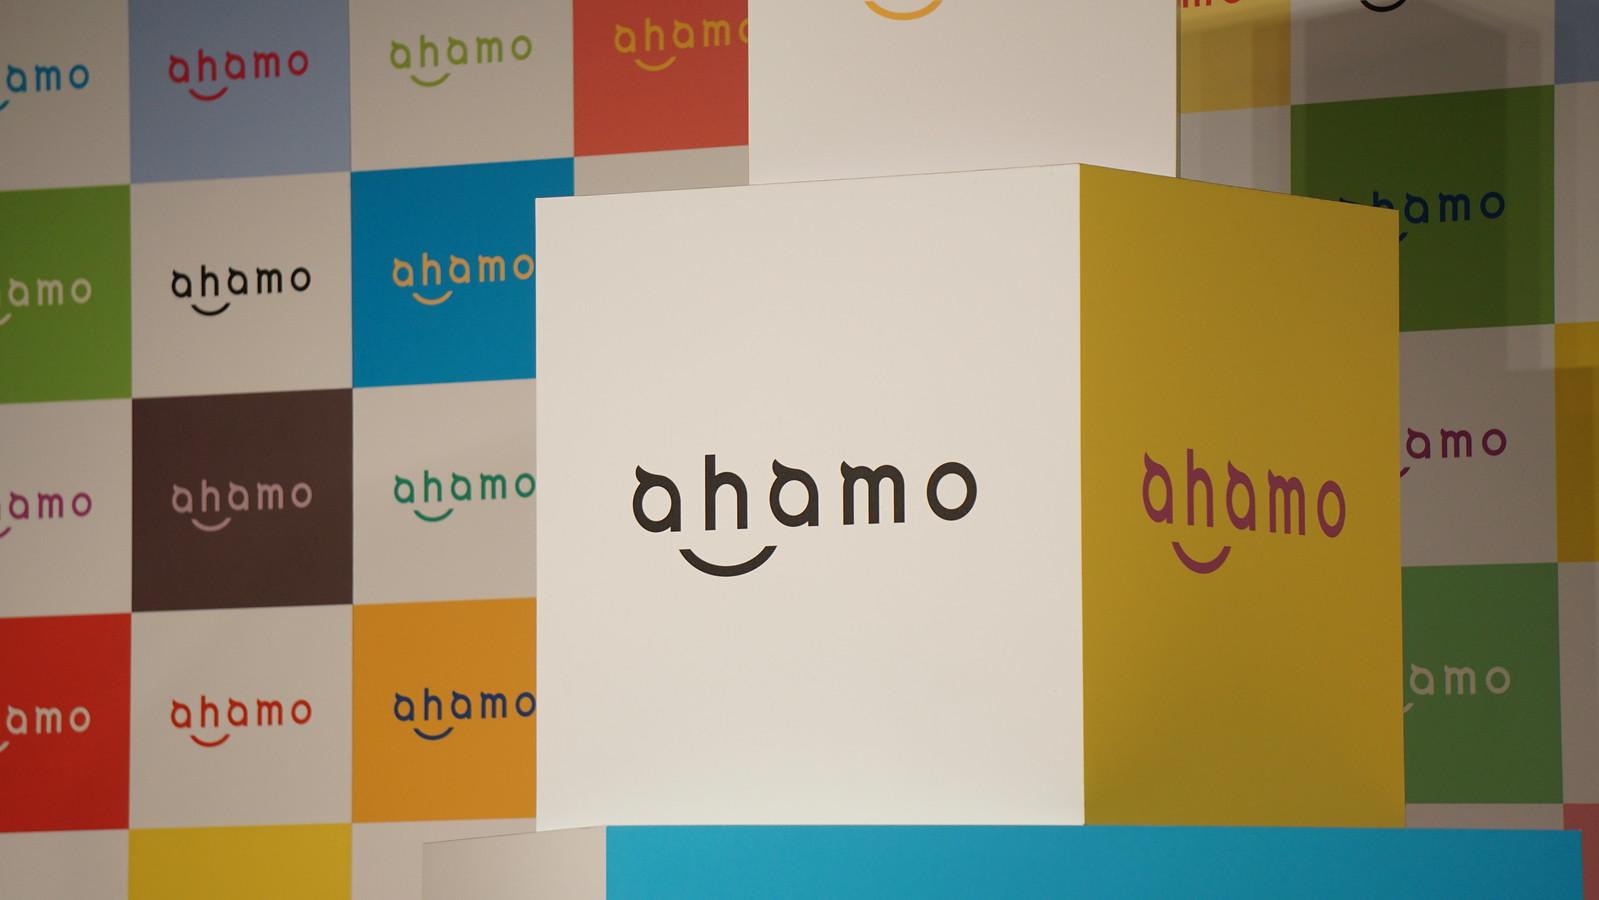 ドコモ「ahamo」(アハモ)開始。デメリットや申し込み方法、料金比較まとめ